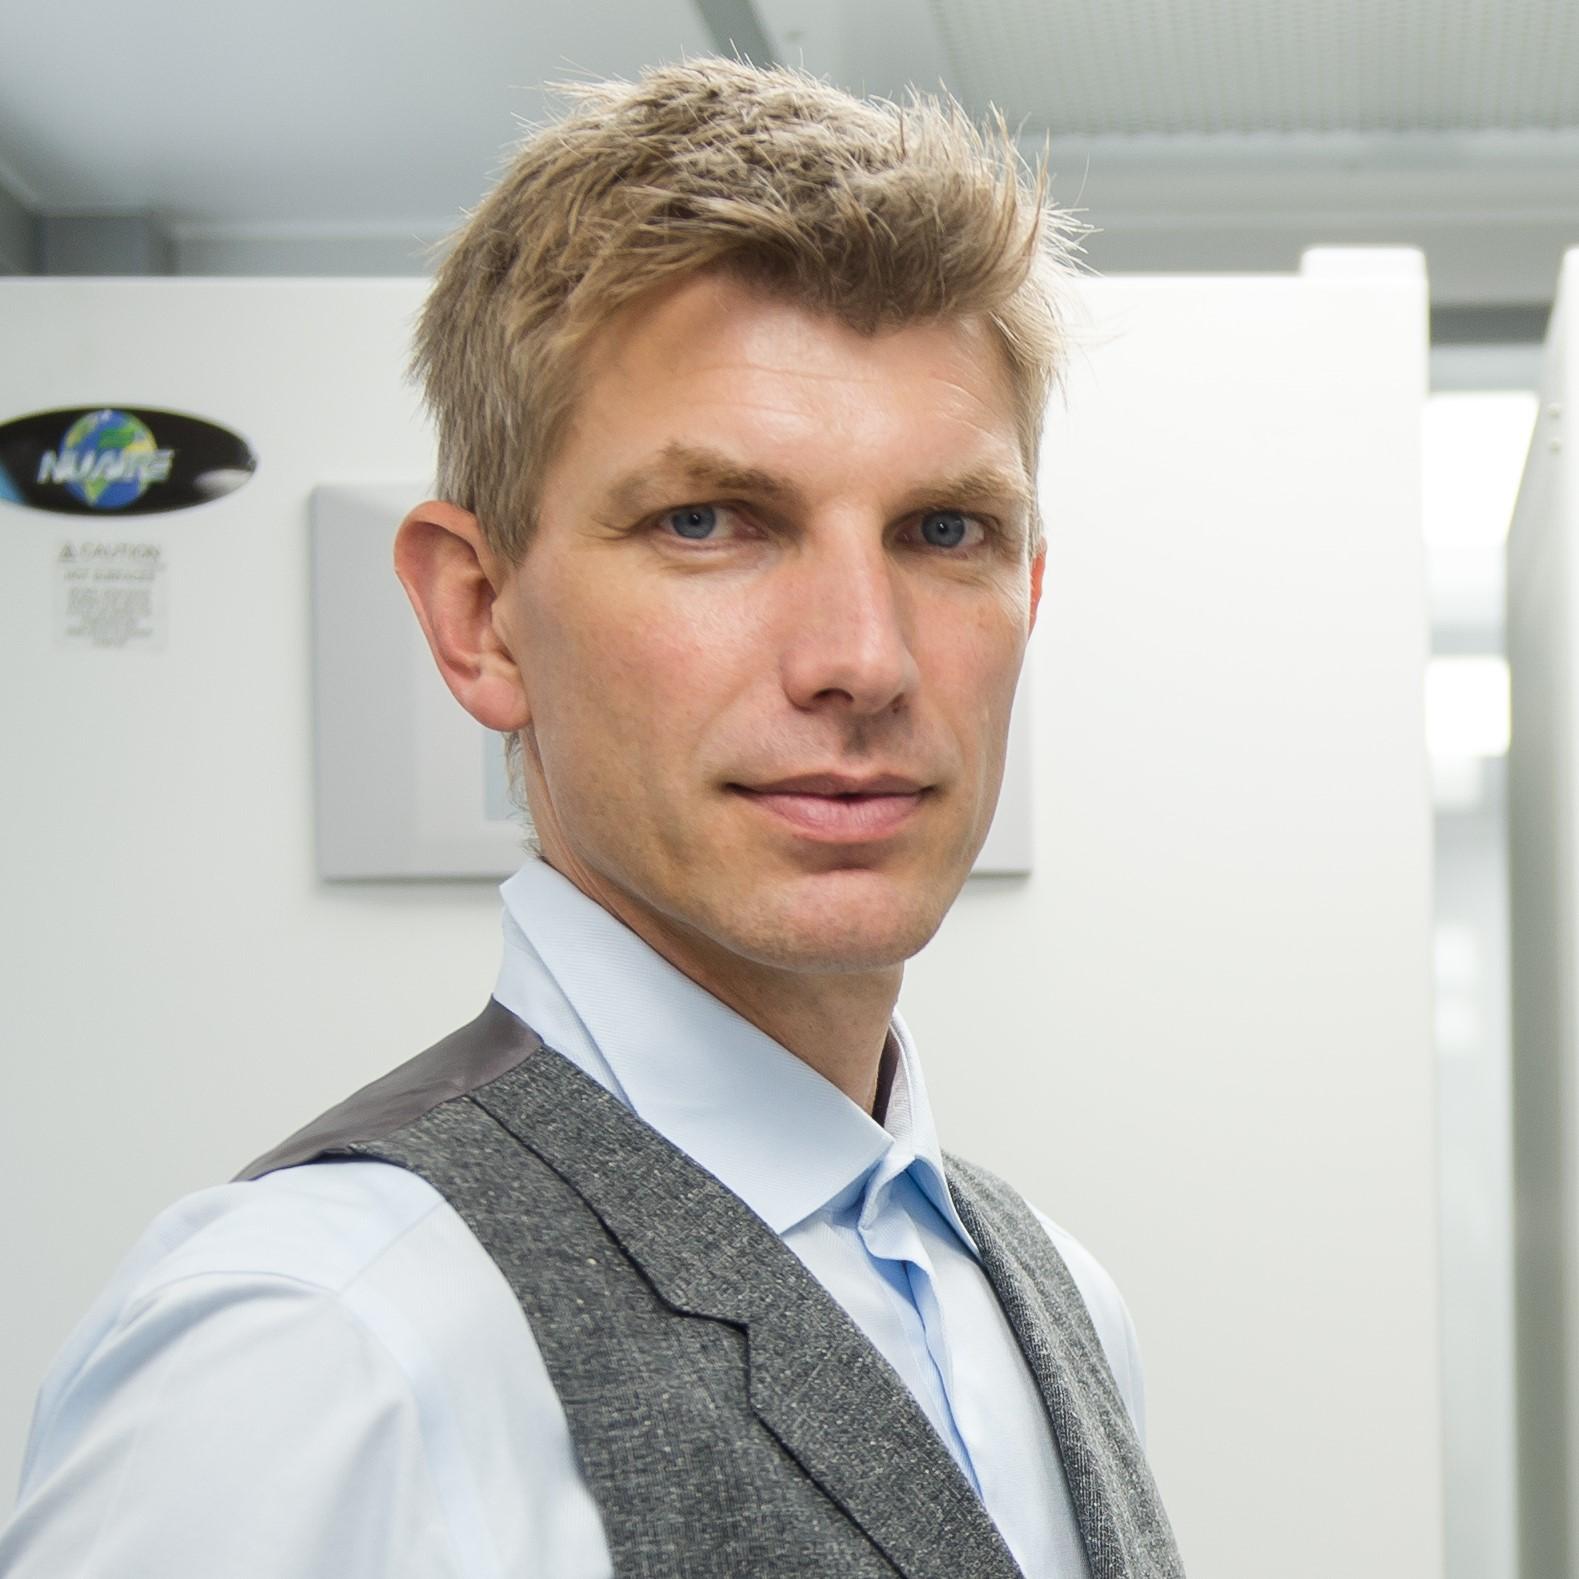 Kåre Engkilde, PhD